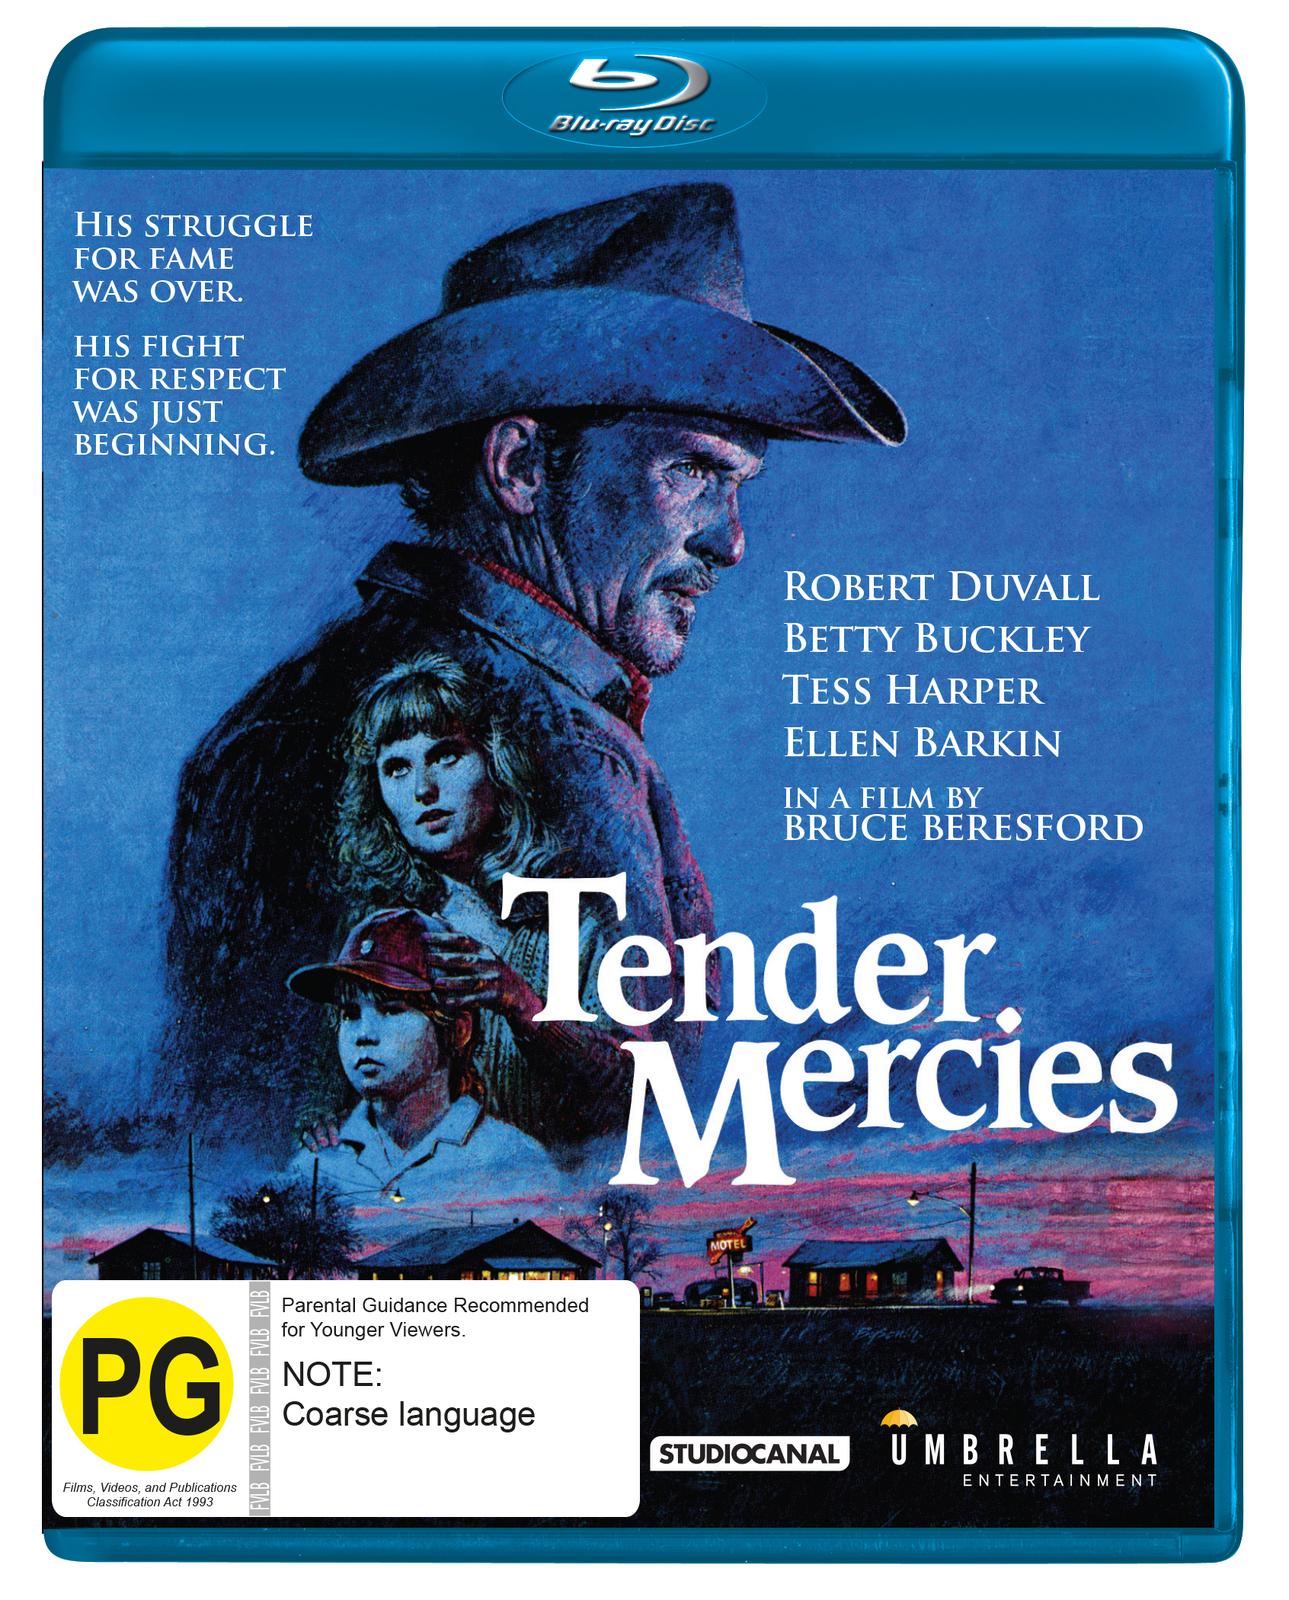 Tender Mercies image